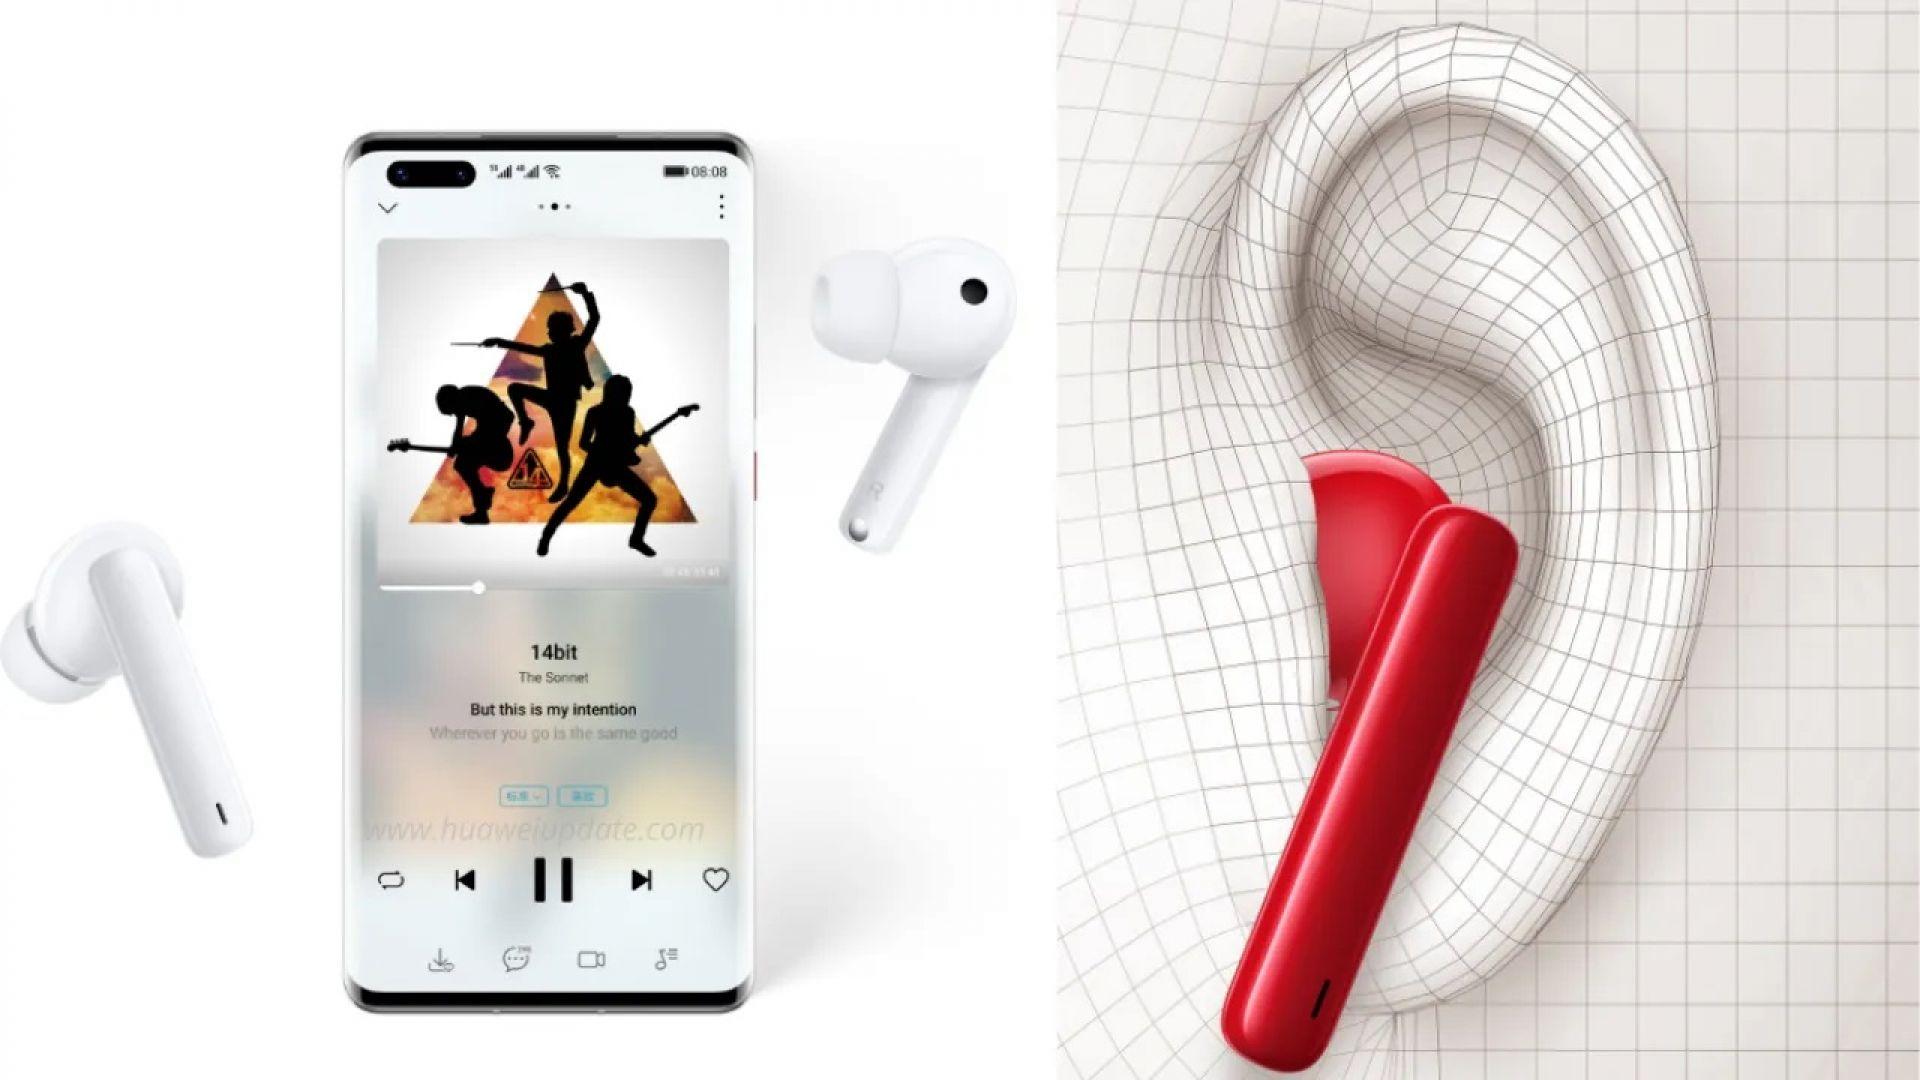 Нuаwеі са направили възможно най-удобните и достъпни безжични слушалки с активно шумопотискане